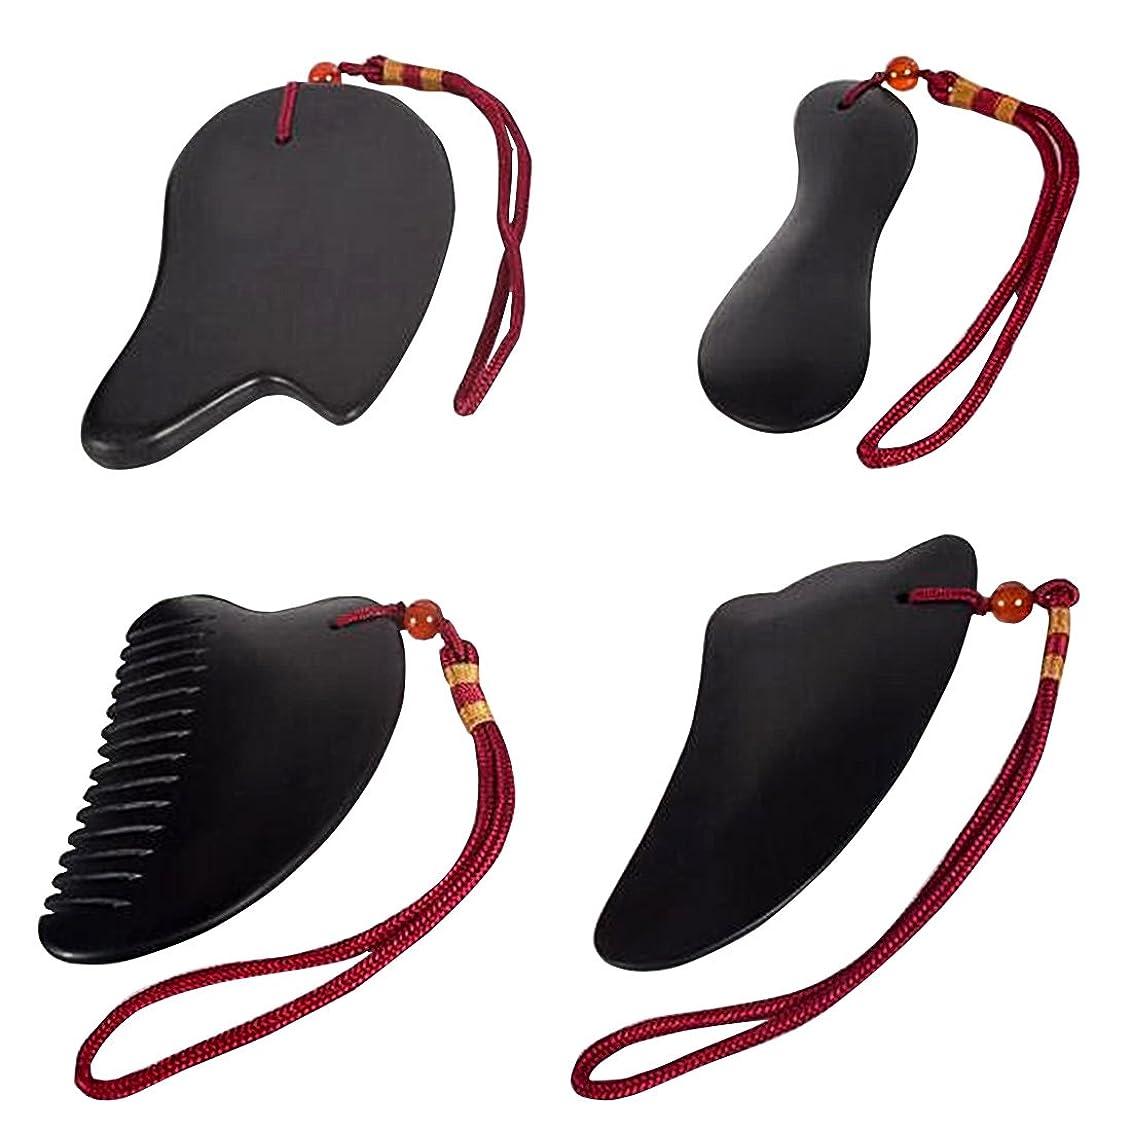 例ツールなに(イスイ)YISHUI 風水 天然石 ニードル 掻き板 セット4点 セット美顔 健康 マッサージツール ブラック W3448